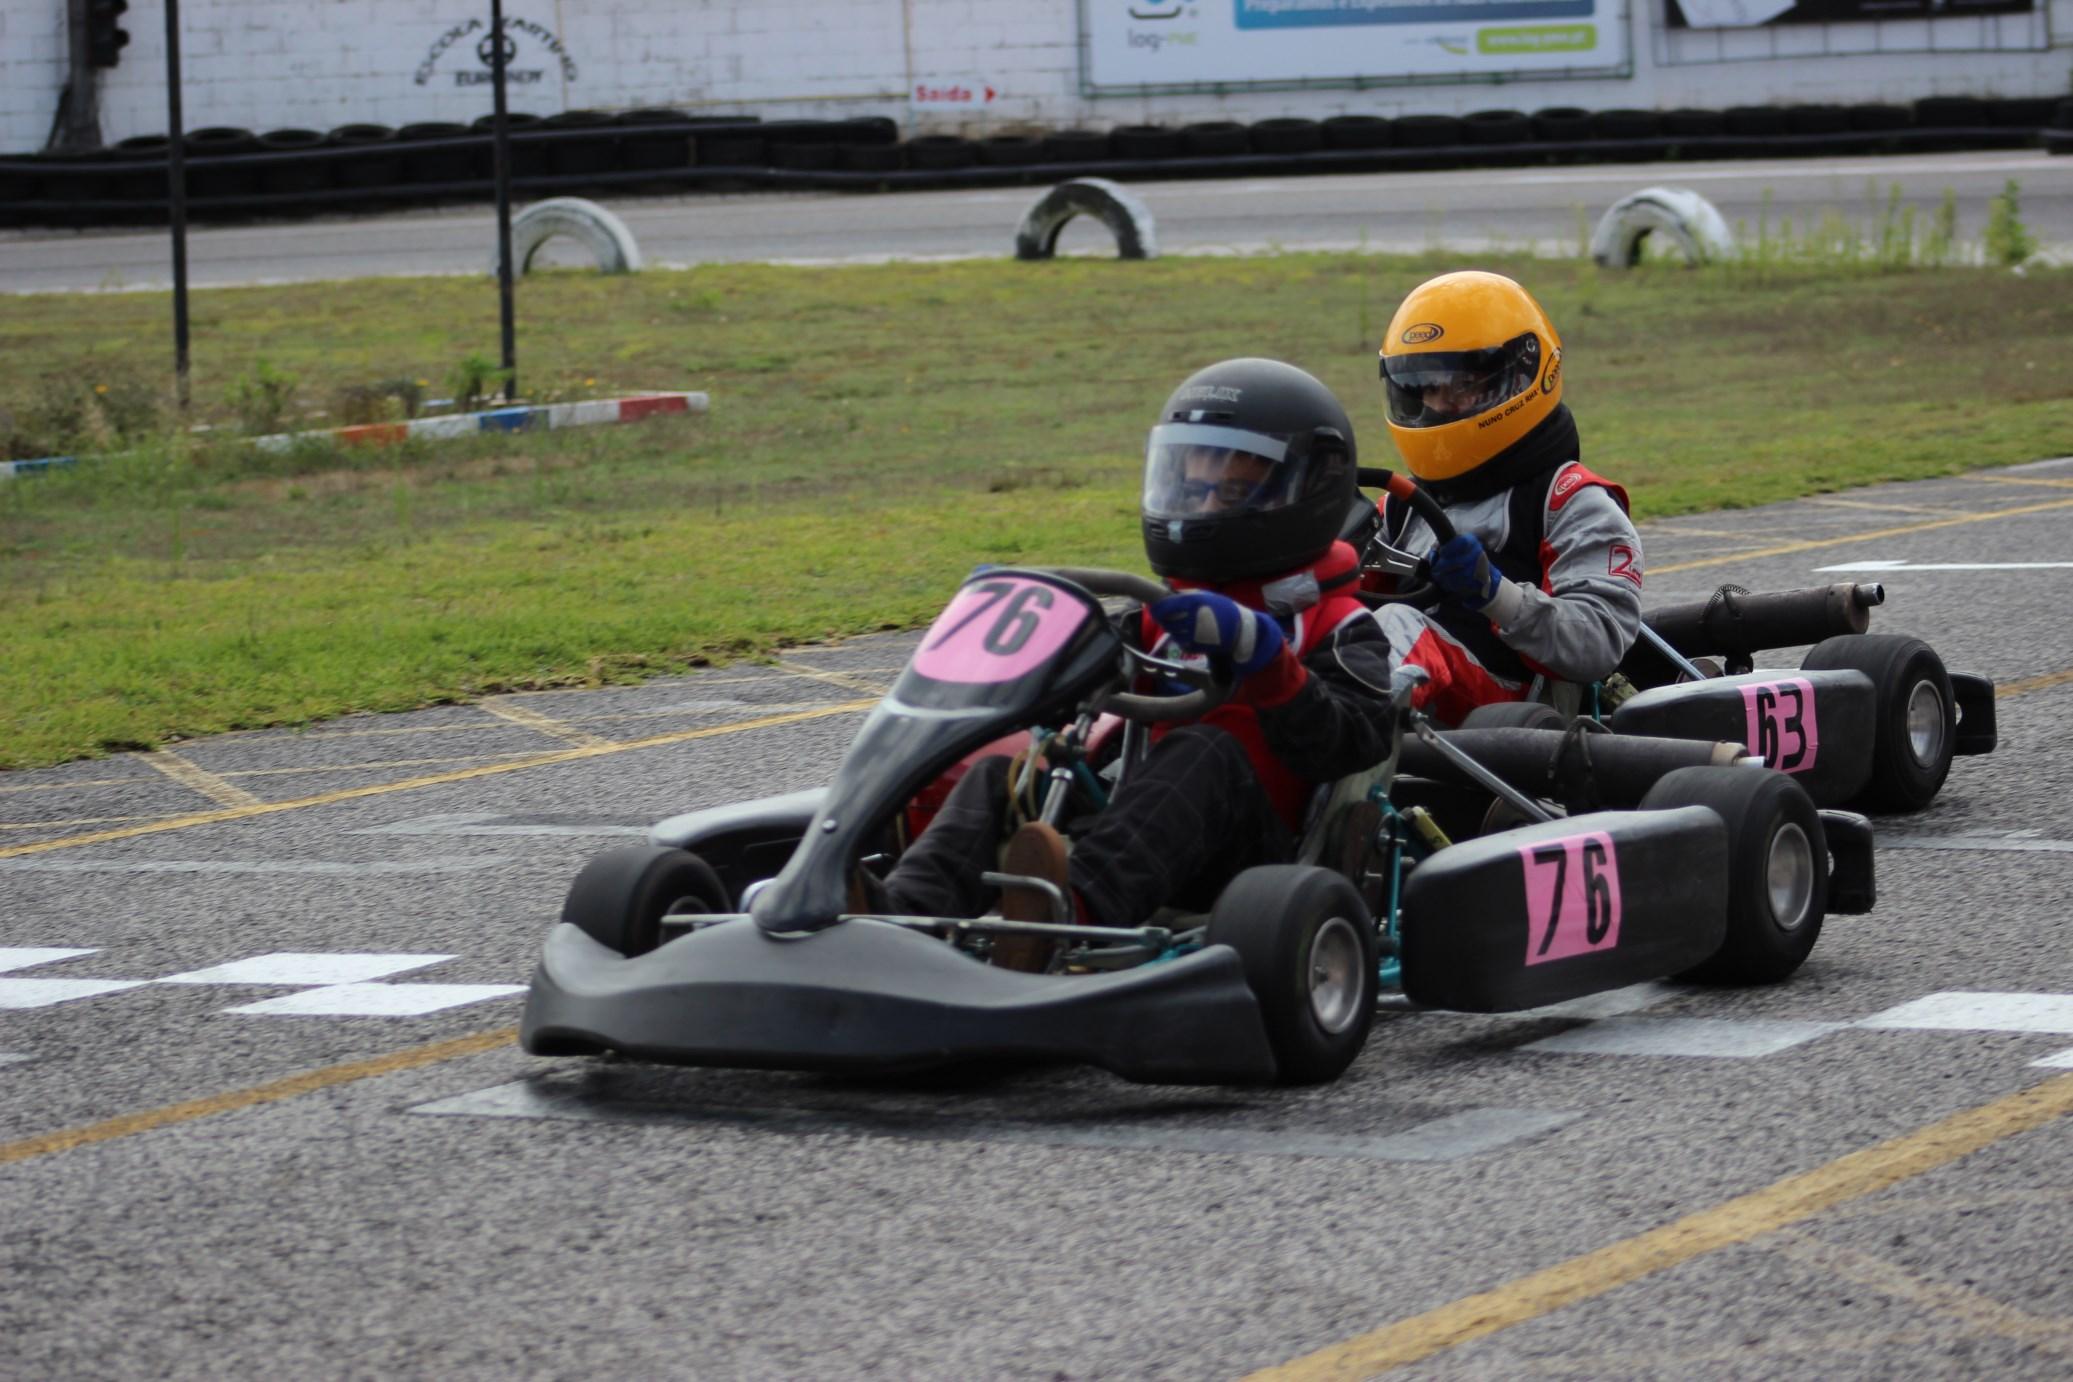 Troféu Honda 2014 - 3ª Prova200